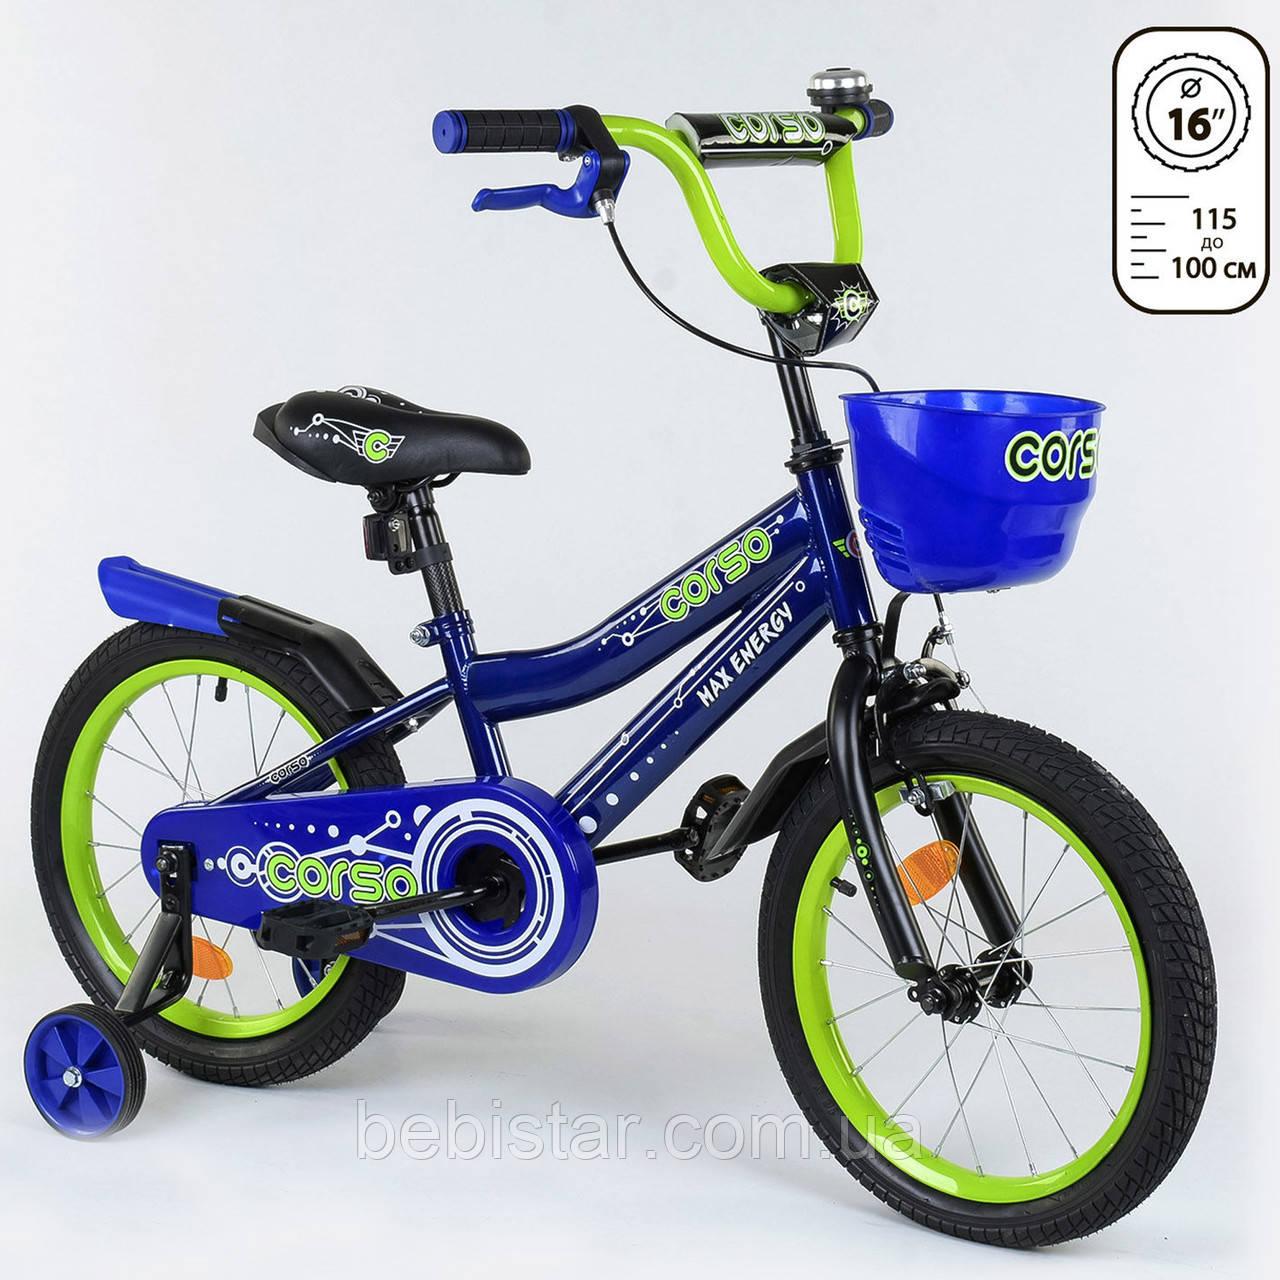 """Двоколісний велосипед темно-синій, ручним гальмом, доп., колеса, дзвіночок Corso 16"""" дітям 4-6 років"""